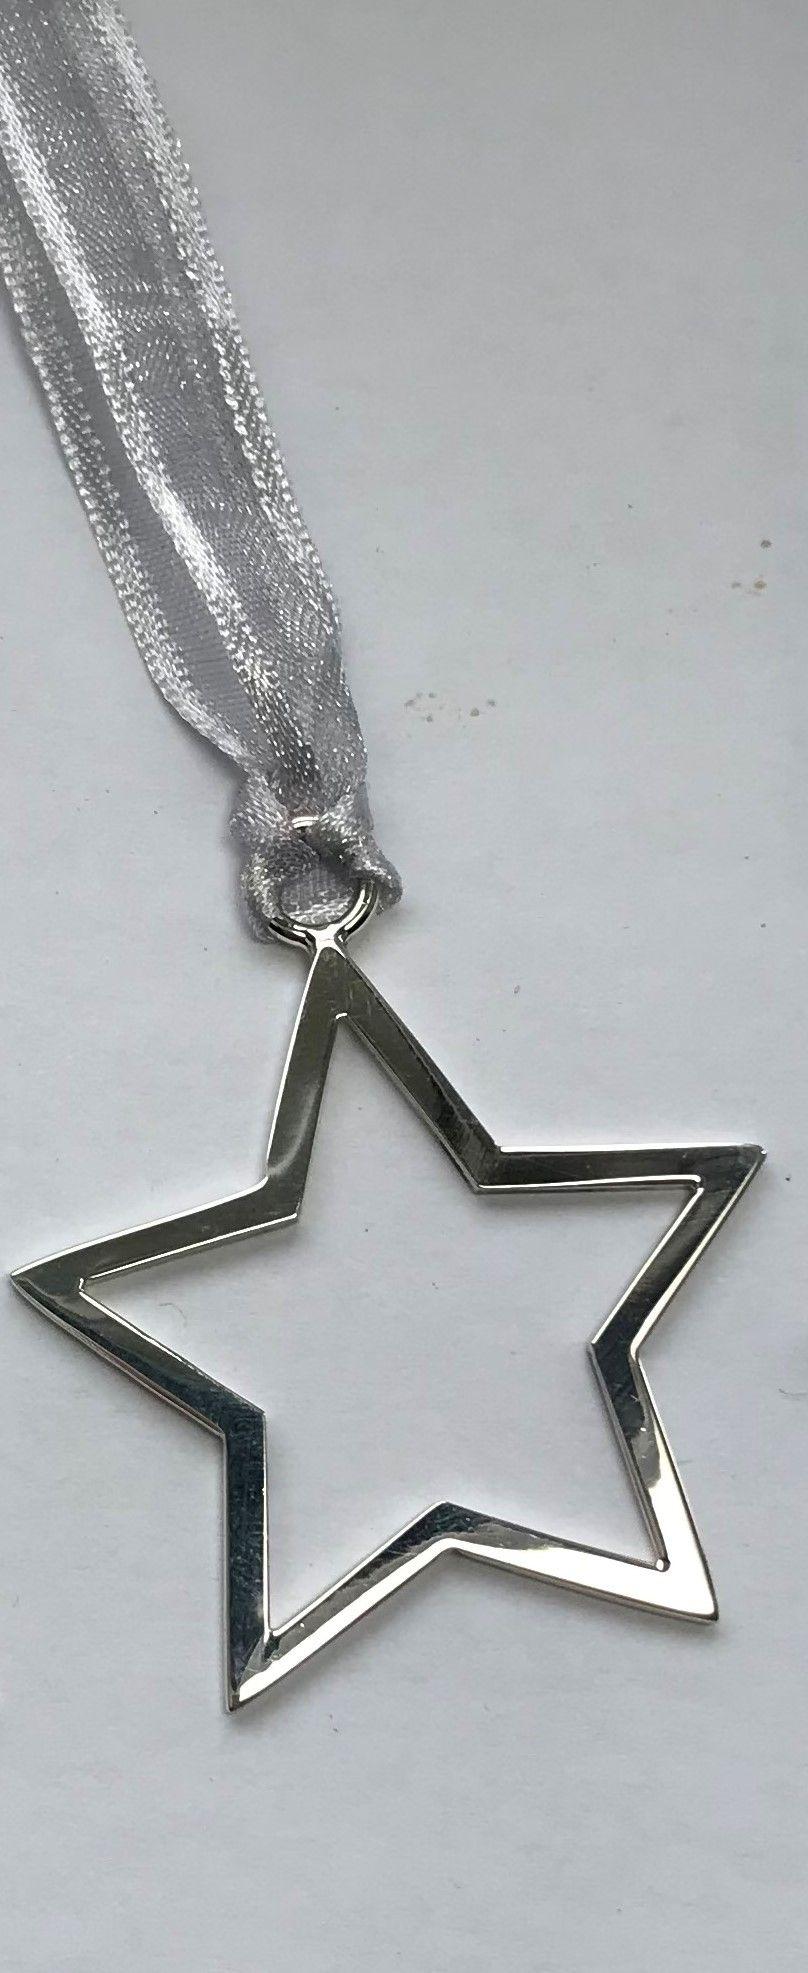 Medium silver star